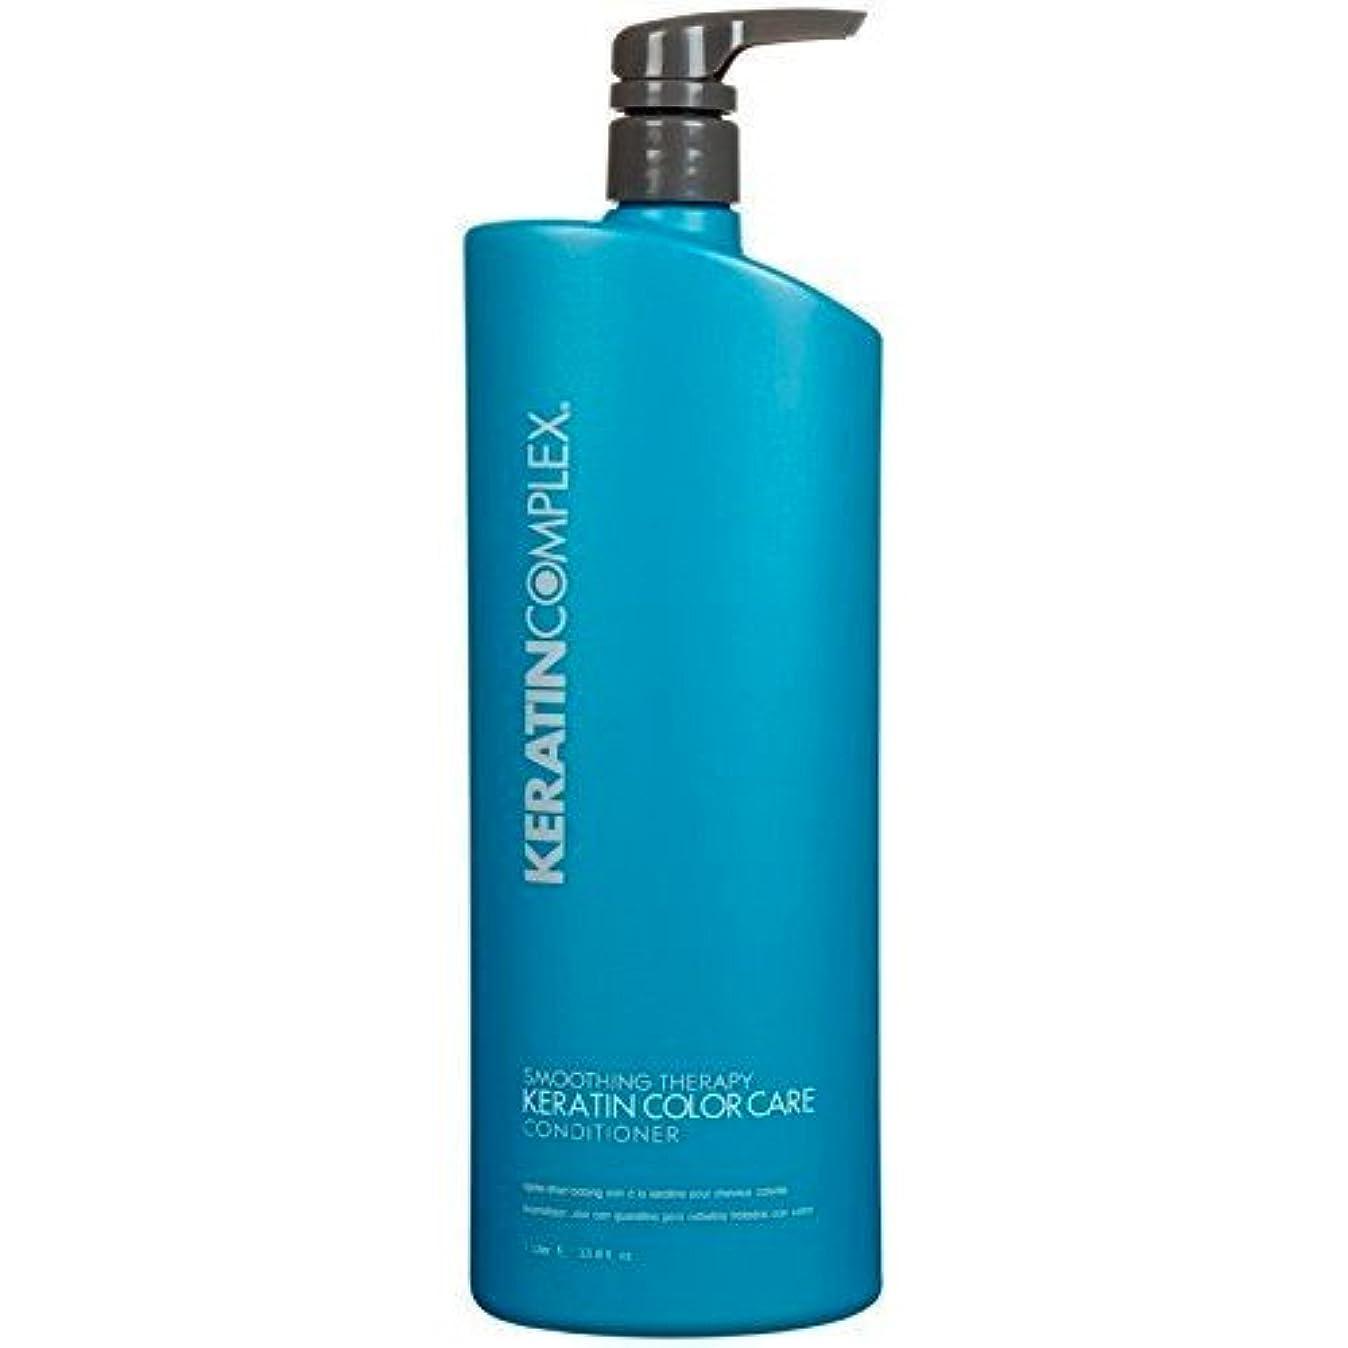 クリップ通知する再発するケラチンコンプレックス Smoothing Therapy Keratin Color Care Conditioner (For All Hair Types) 1000ml